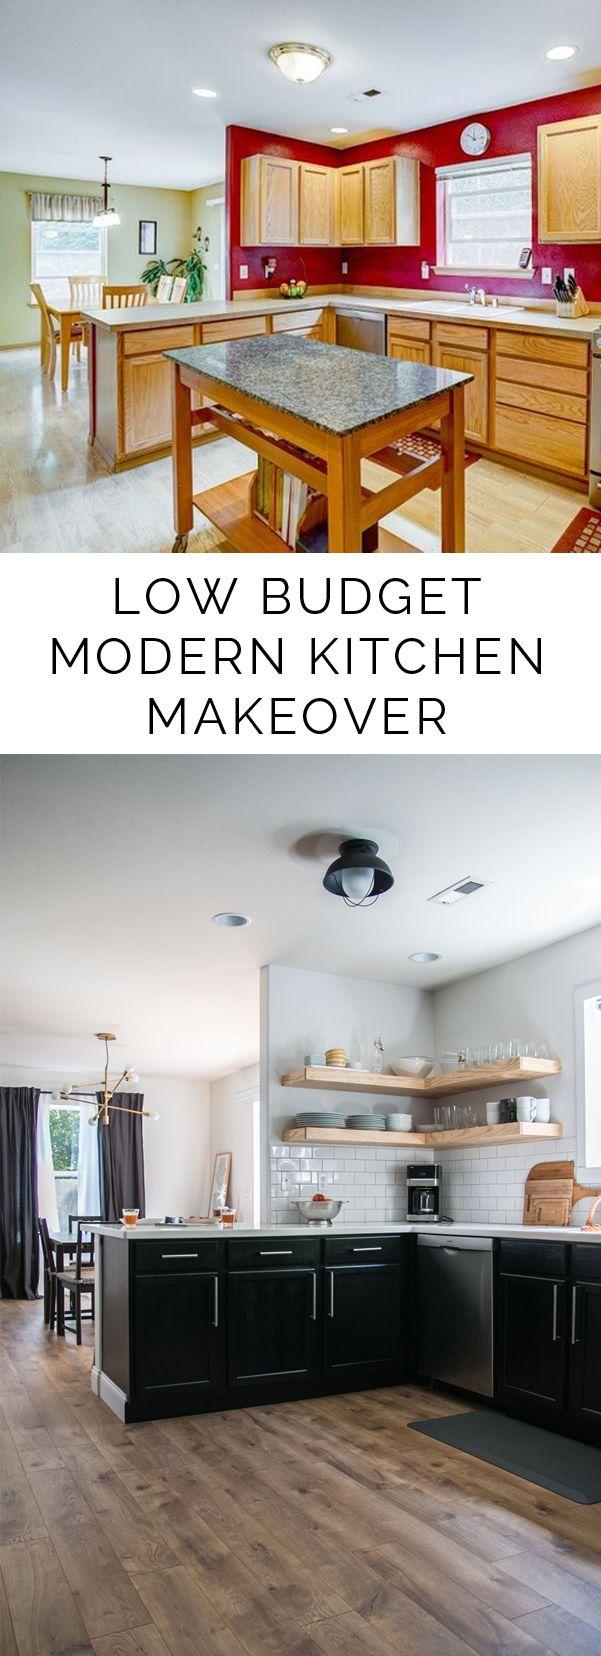 Kitchen Reveal | Küche, Rund ums haus und Runde